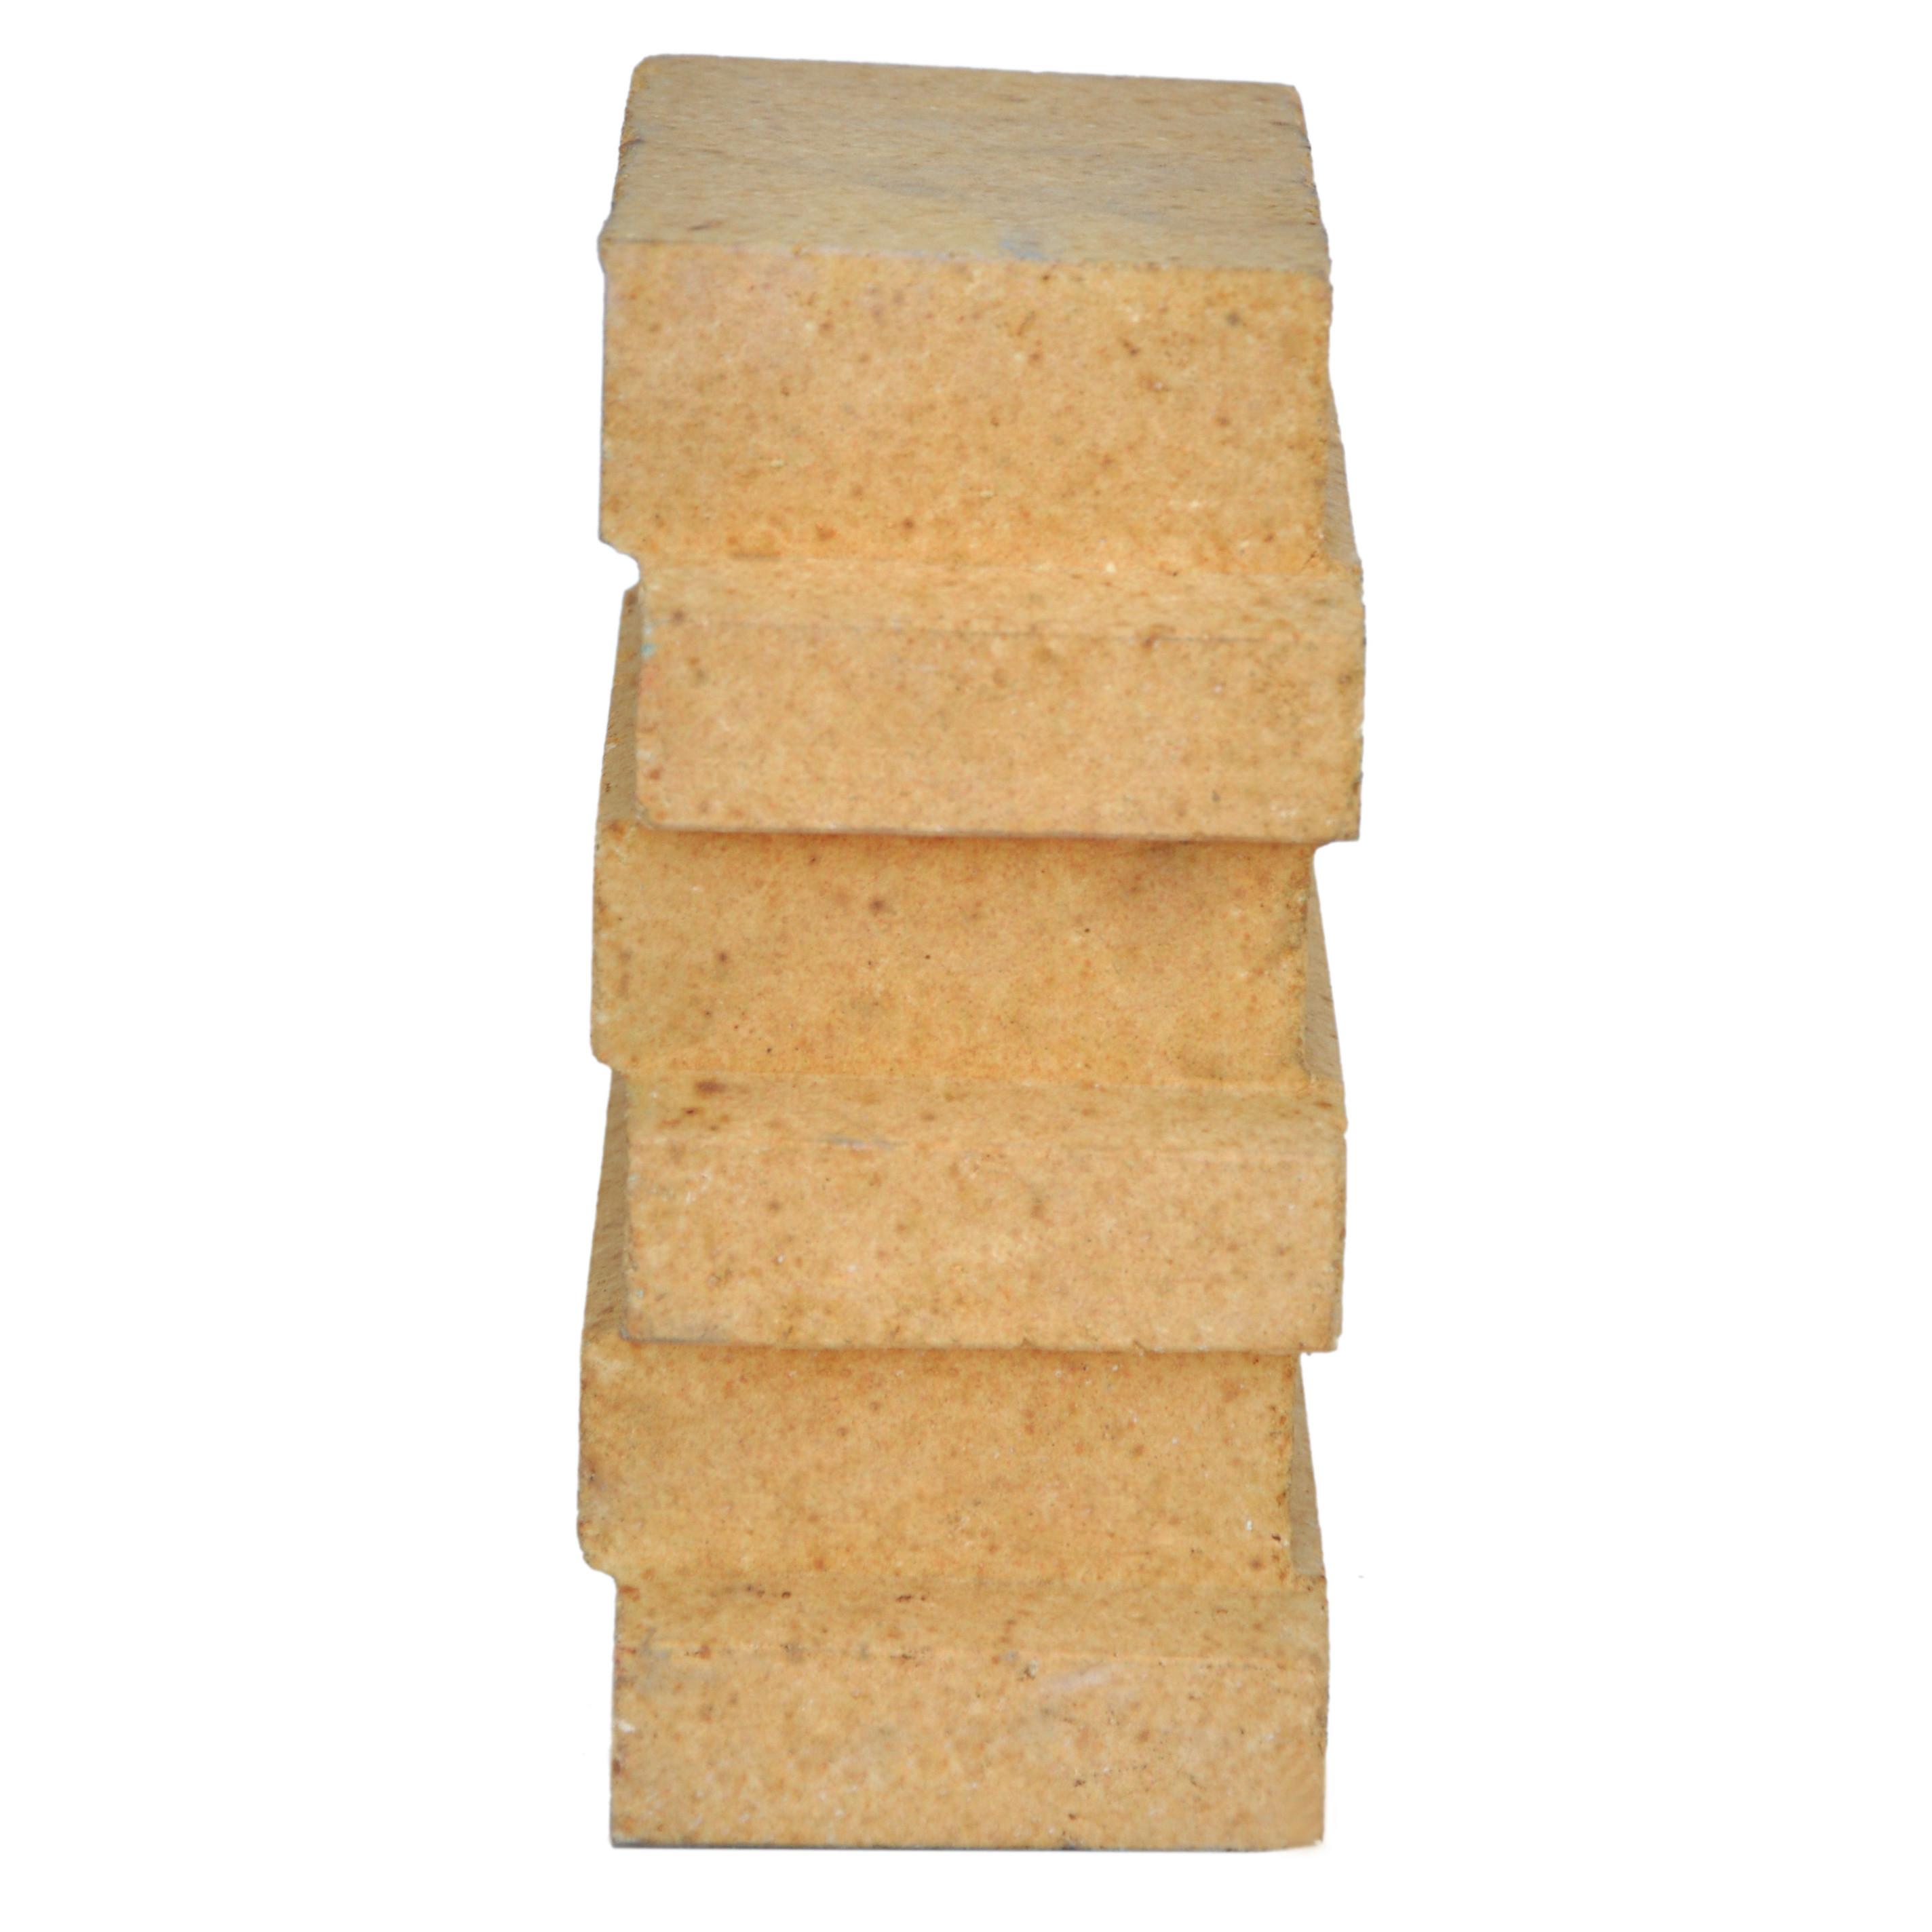 锚固砖生产厂家  吊挂砖  优质粘土异型砖  新密耐火材料